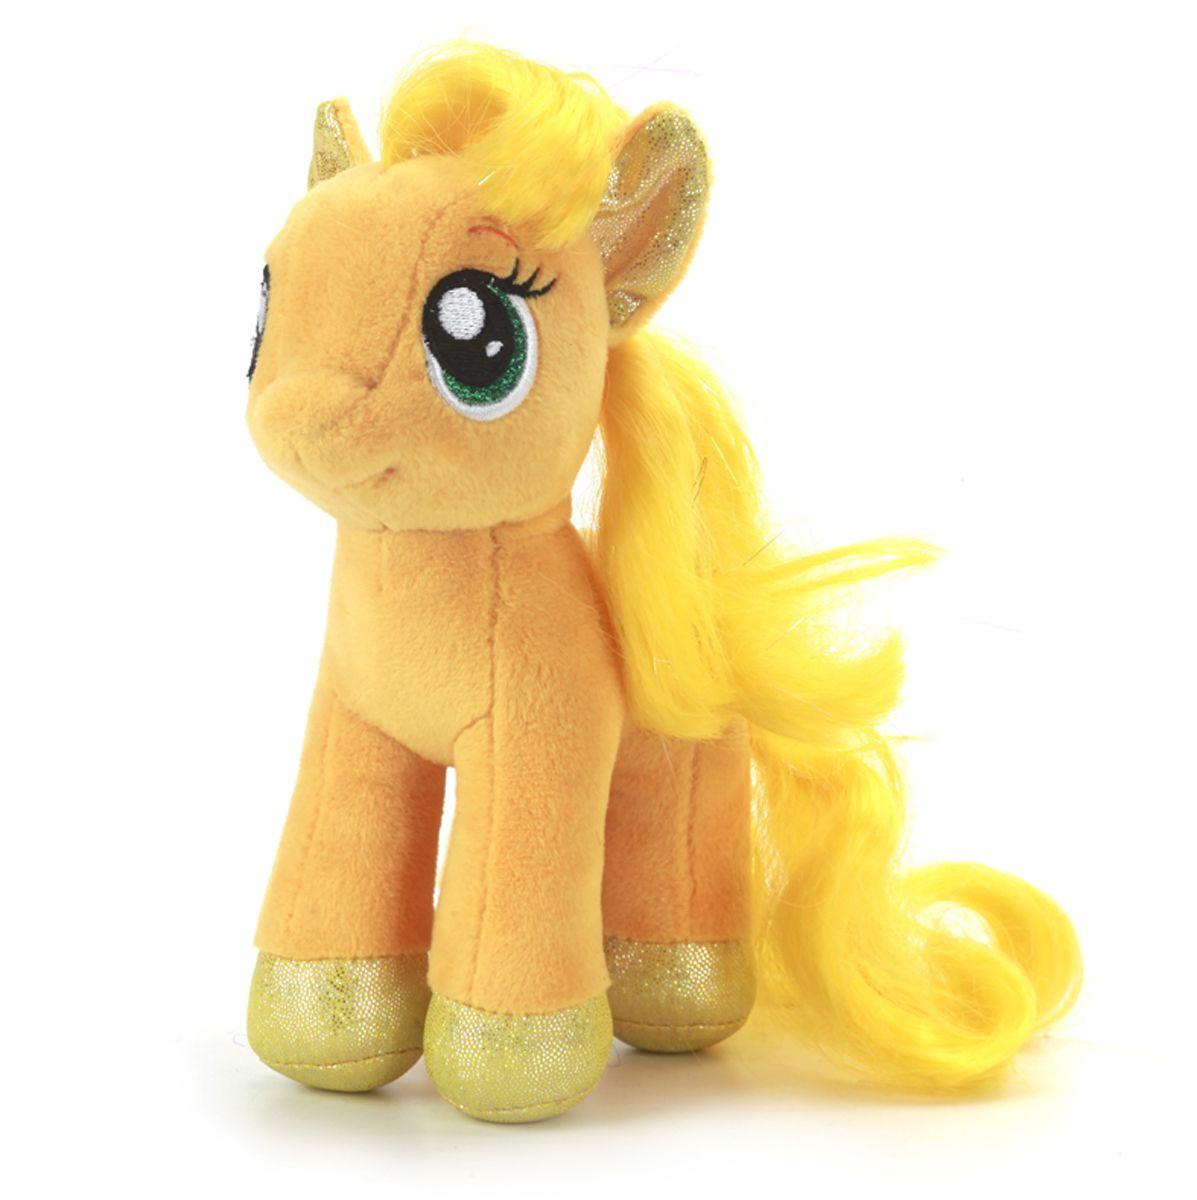 Мульти-Пульти Мягкая игрушка Пони Эпплджек My Little PonyV27480/18Мягкая игрушка сама по себе ассоциируется с радостью и весельем, конечно, и для наших детей такой подарок станет поистине незабываемым. Забавные, добрые мягкие игрушки радуют детей с самого рождения. Ведь уже в первые месяцы жизни ребенок проявляет интерес к плюшевым зверятам и необычным персонажам. Сначала они помогают ему познавать окружающий мир через тактильные ощущения, знакомят его с животным миром нашей планеты, формируют цветовосприятие и способствуют концентрации внимания.